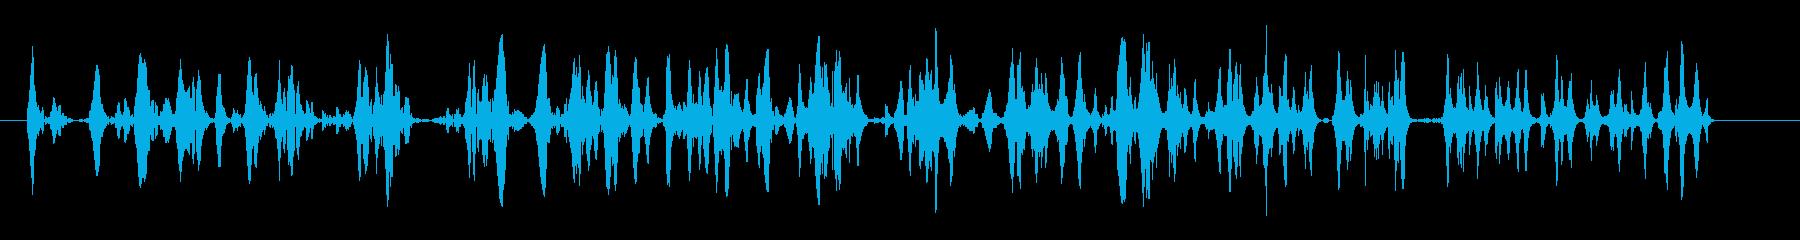 泡が連続でわき上がる音の再生済みの波形